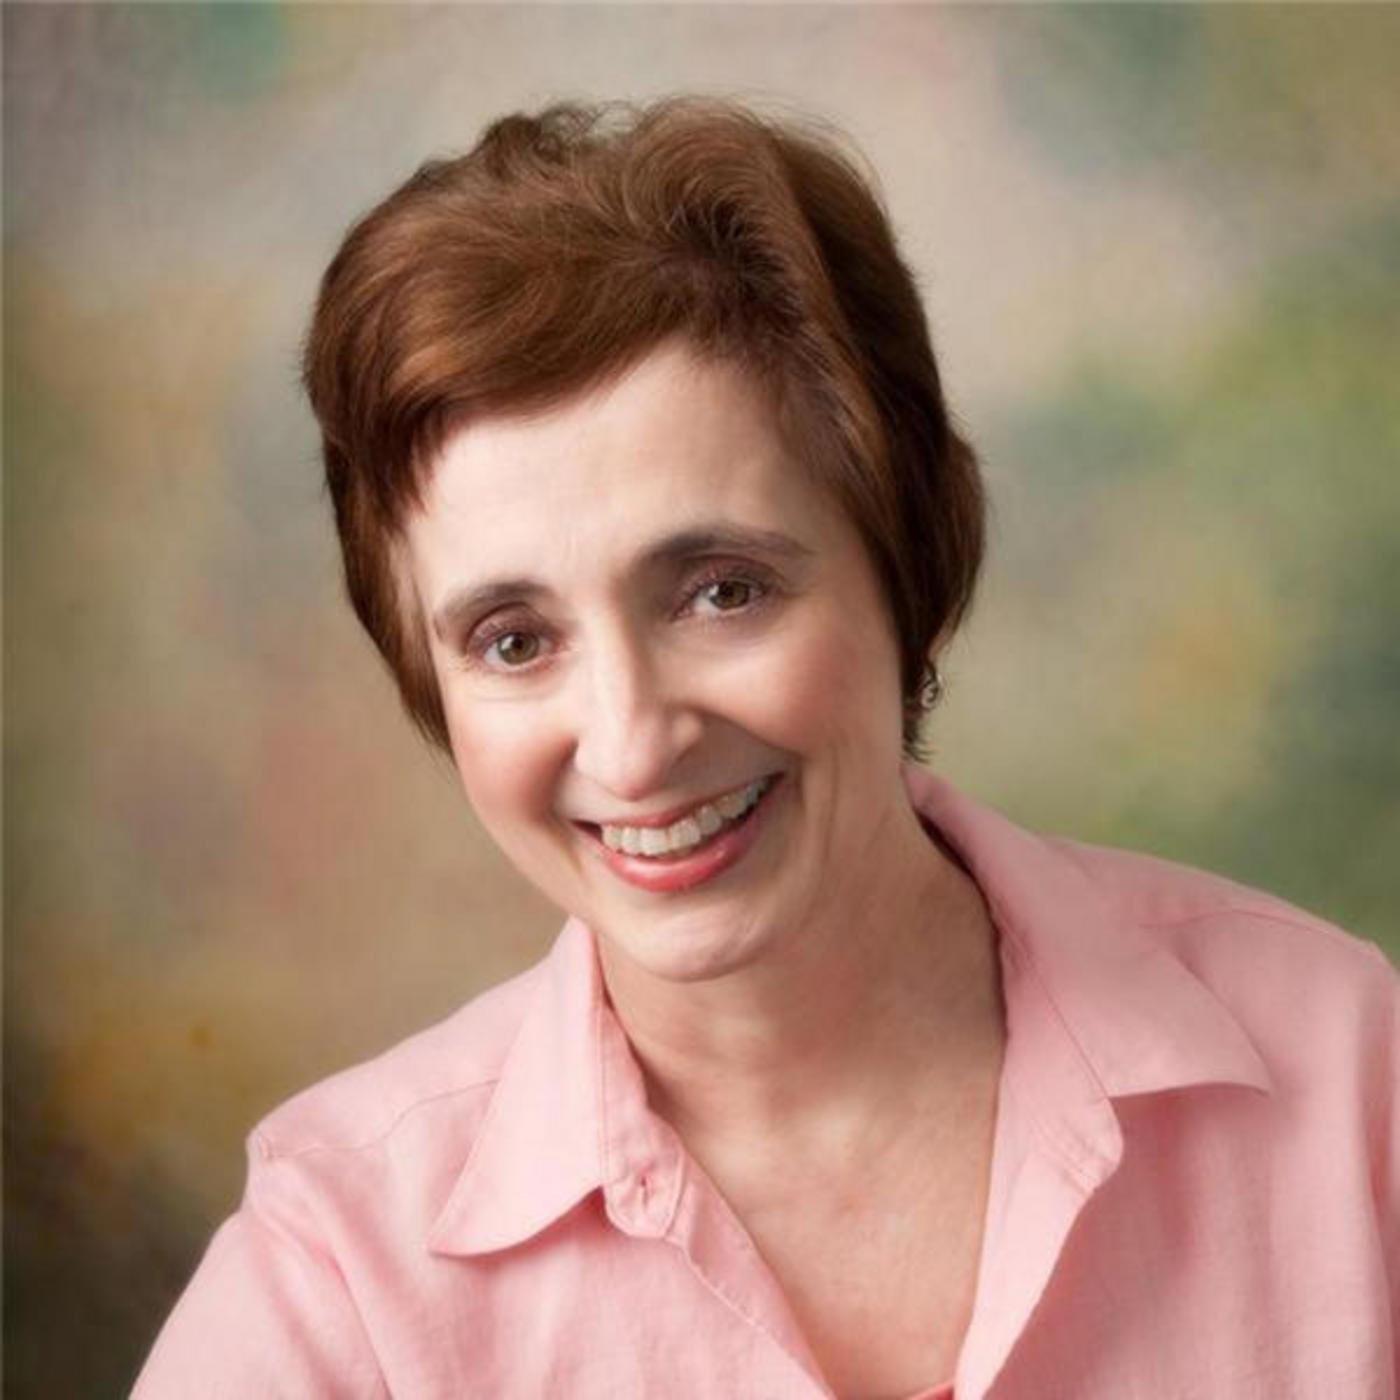 Healthy Self Esteem--Build Your Foundation, Anne Parks, Guest